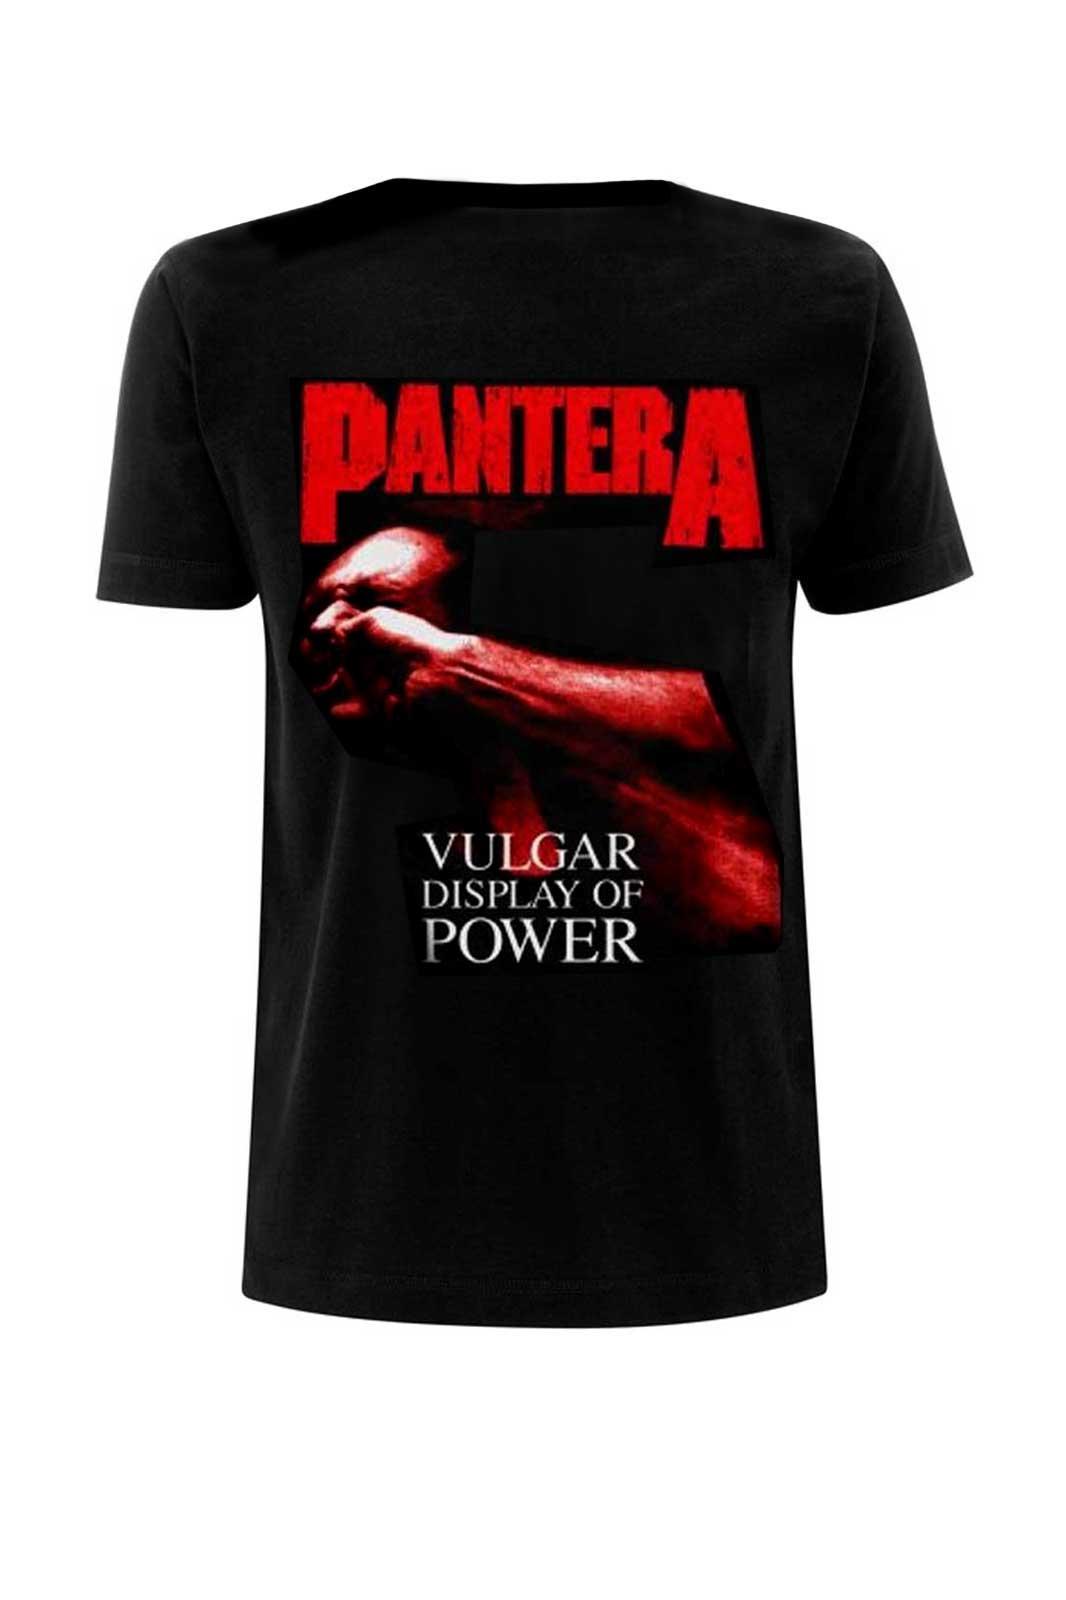 Tee Pantera Vulgar Black